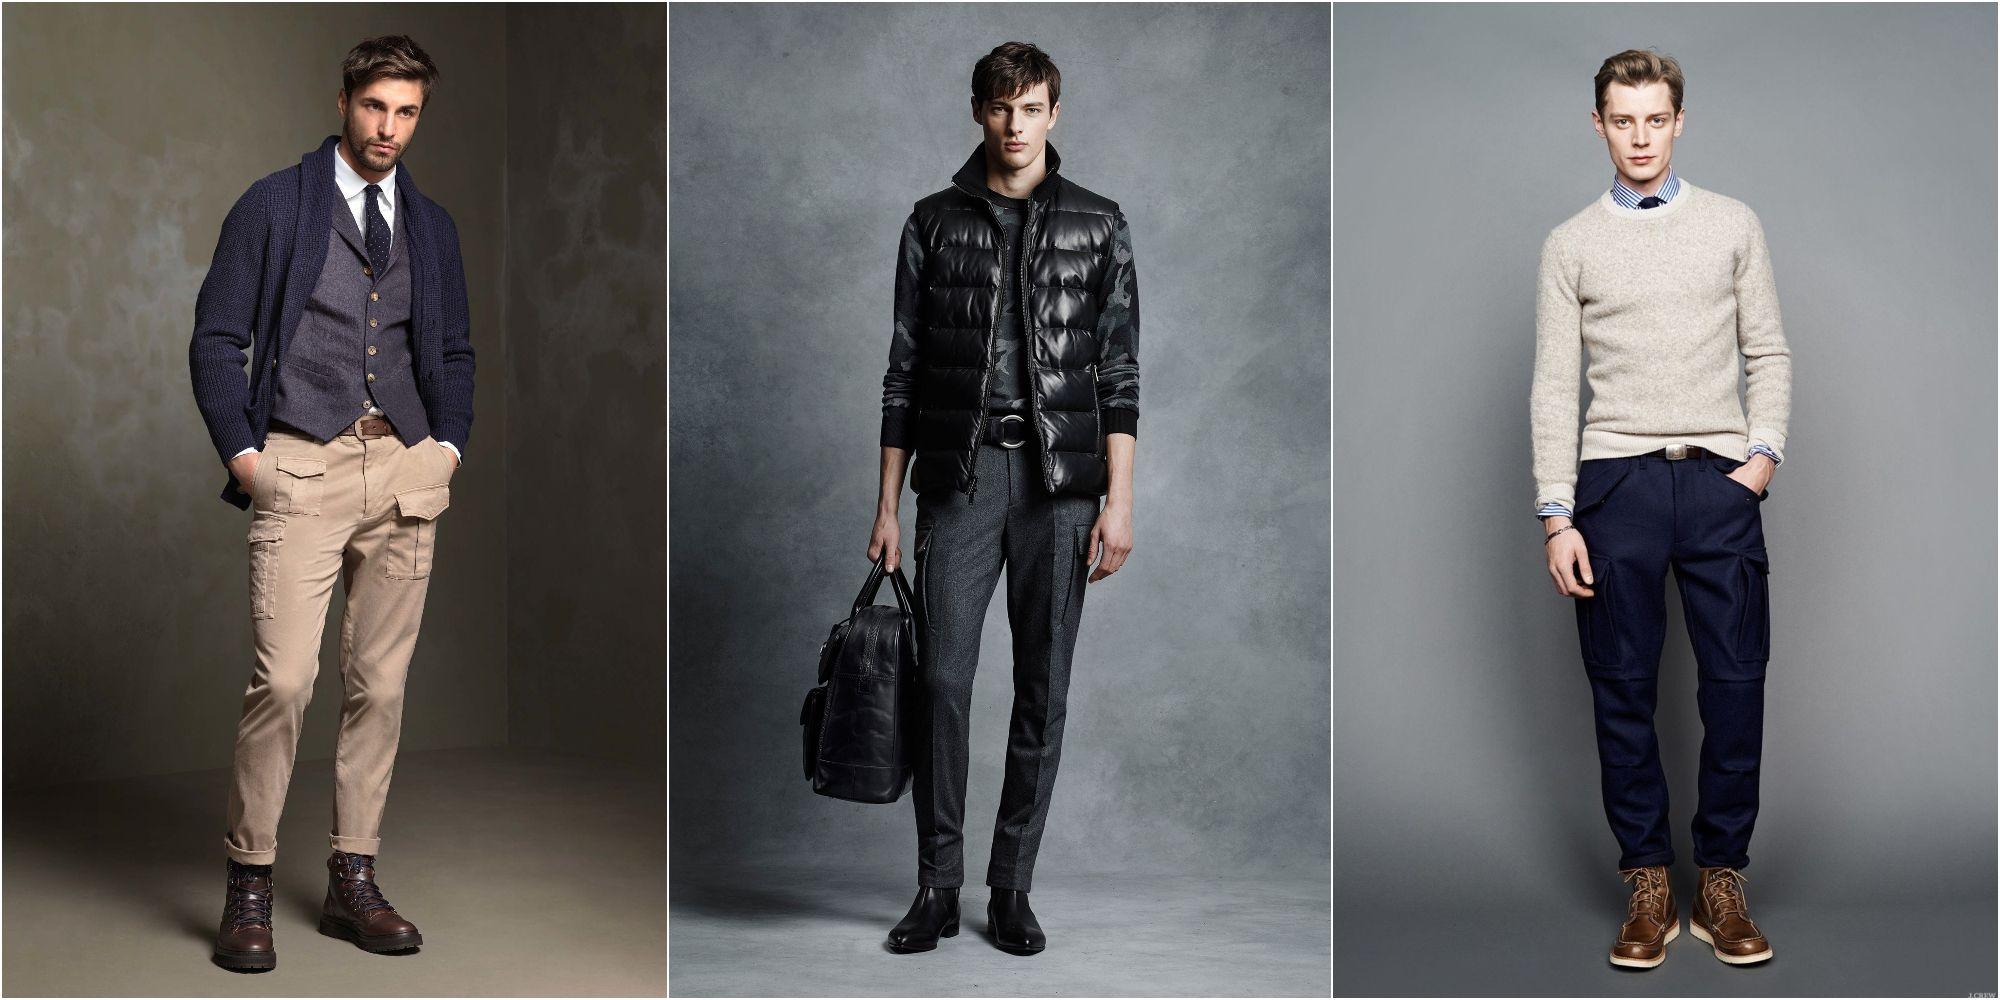 Moda uomo. Maglione, pantaloni cargo, giacconi sportivi e